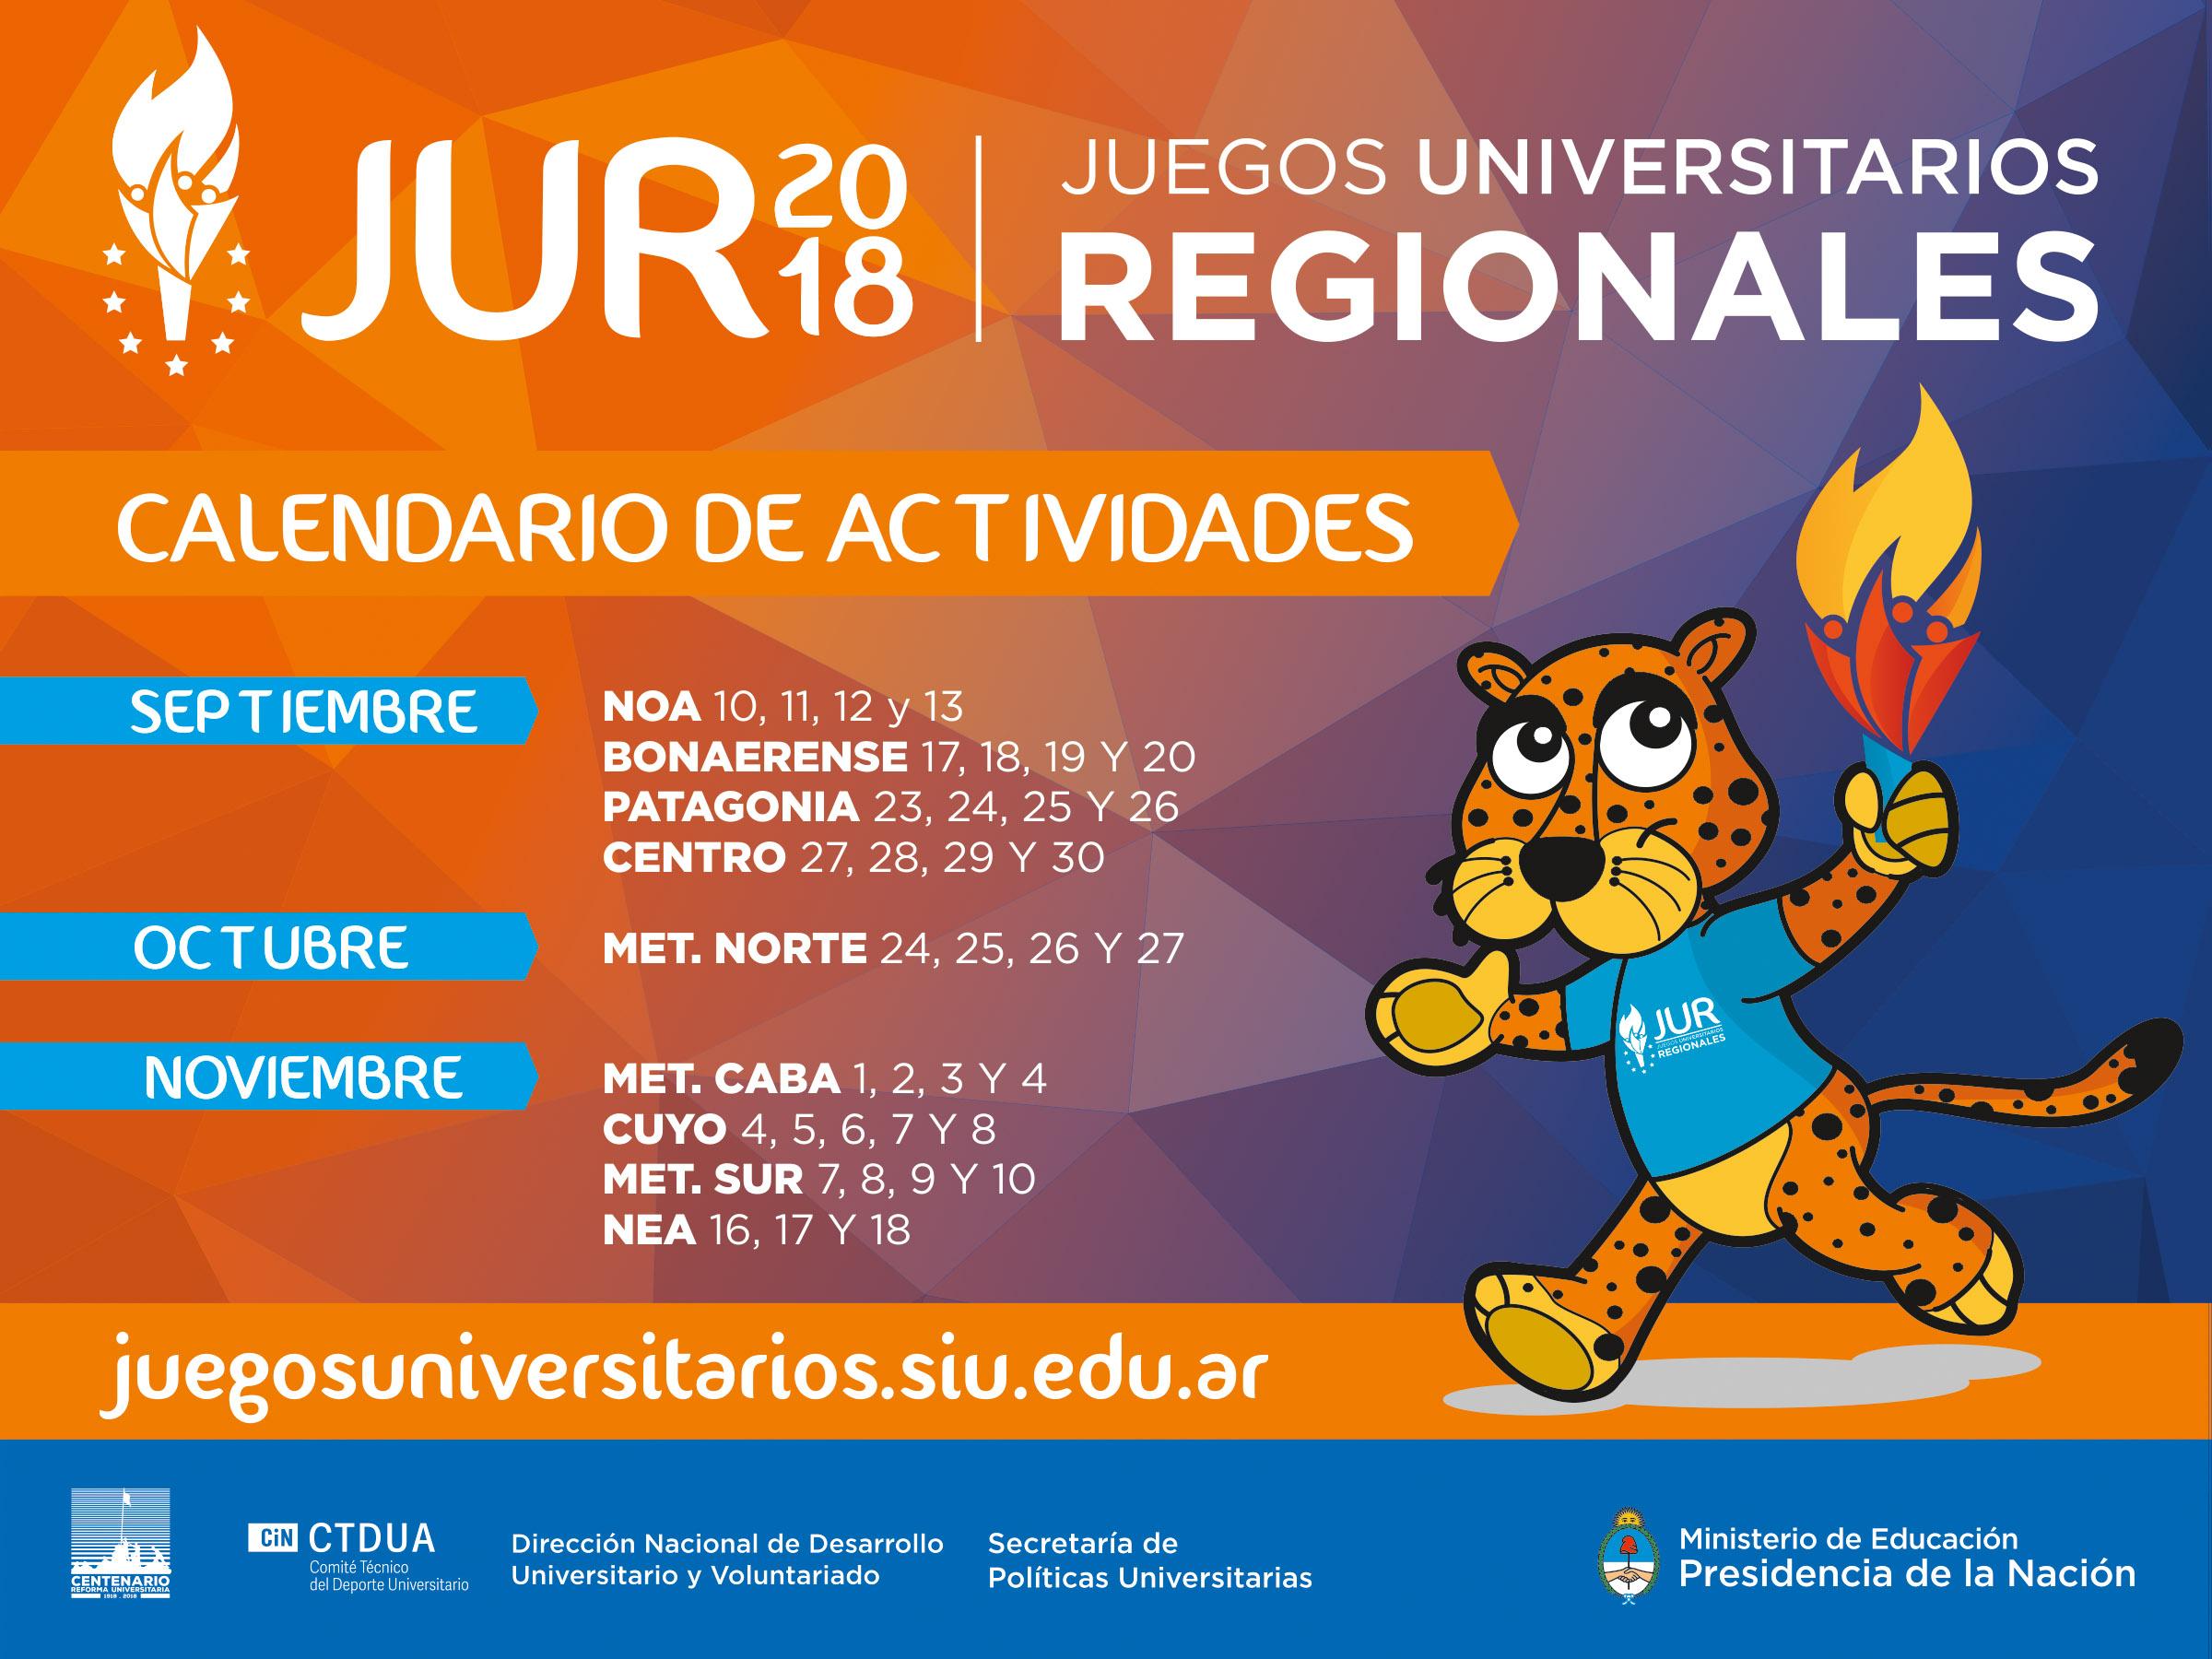 Empiezan Los Juegos Universitarios Regionales 2018 Argentina Gob Ar